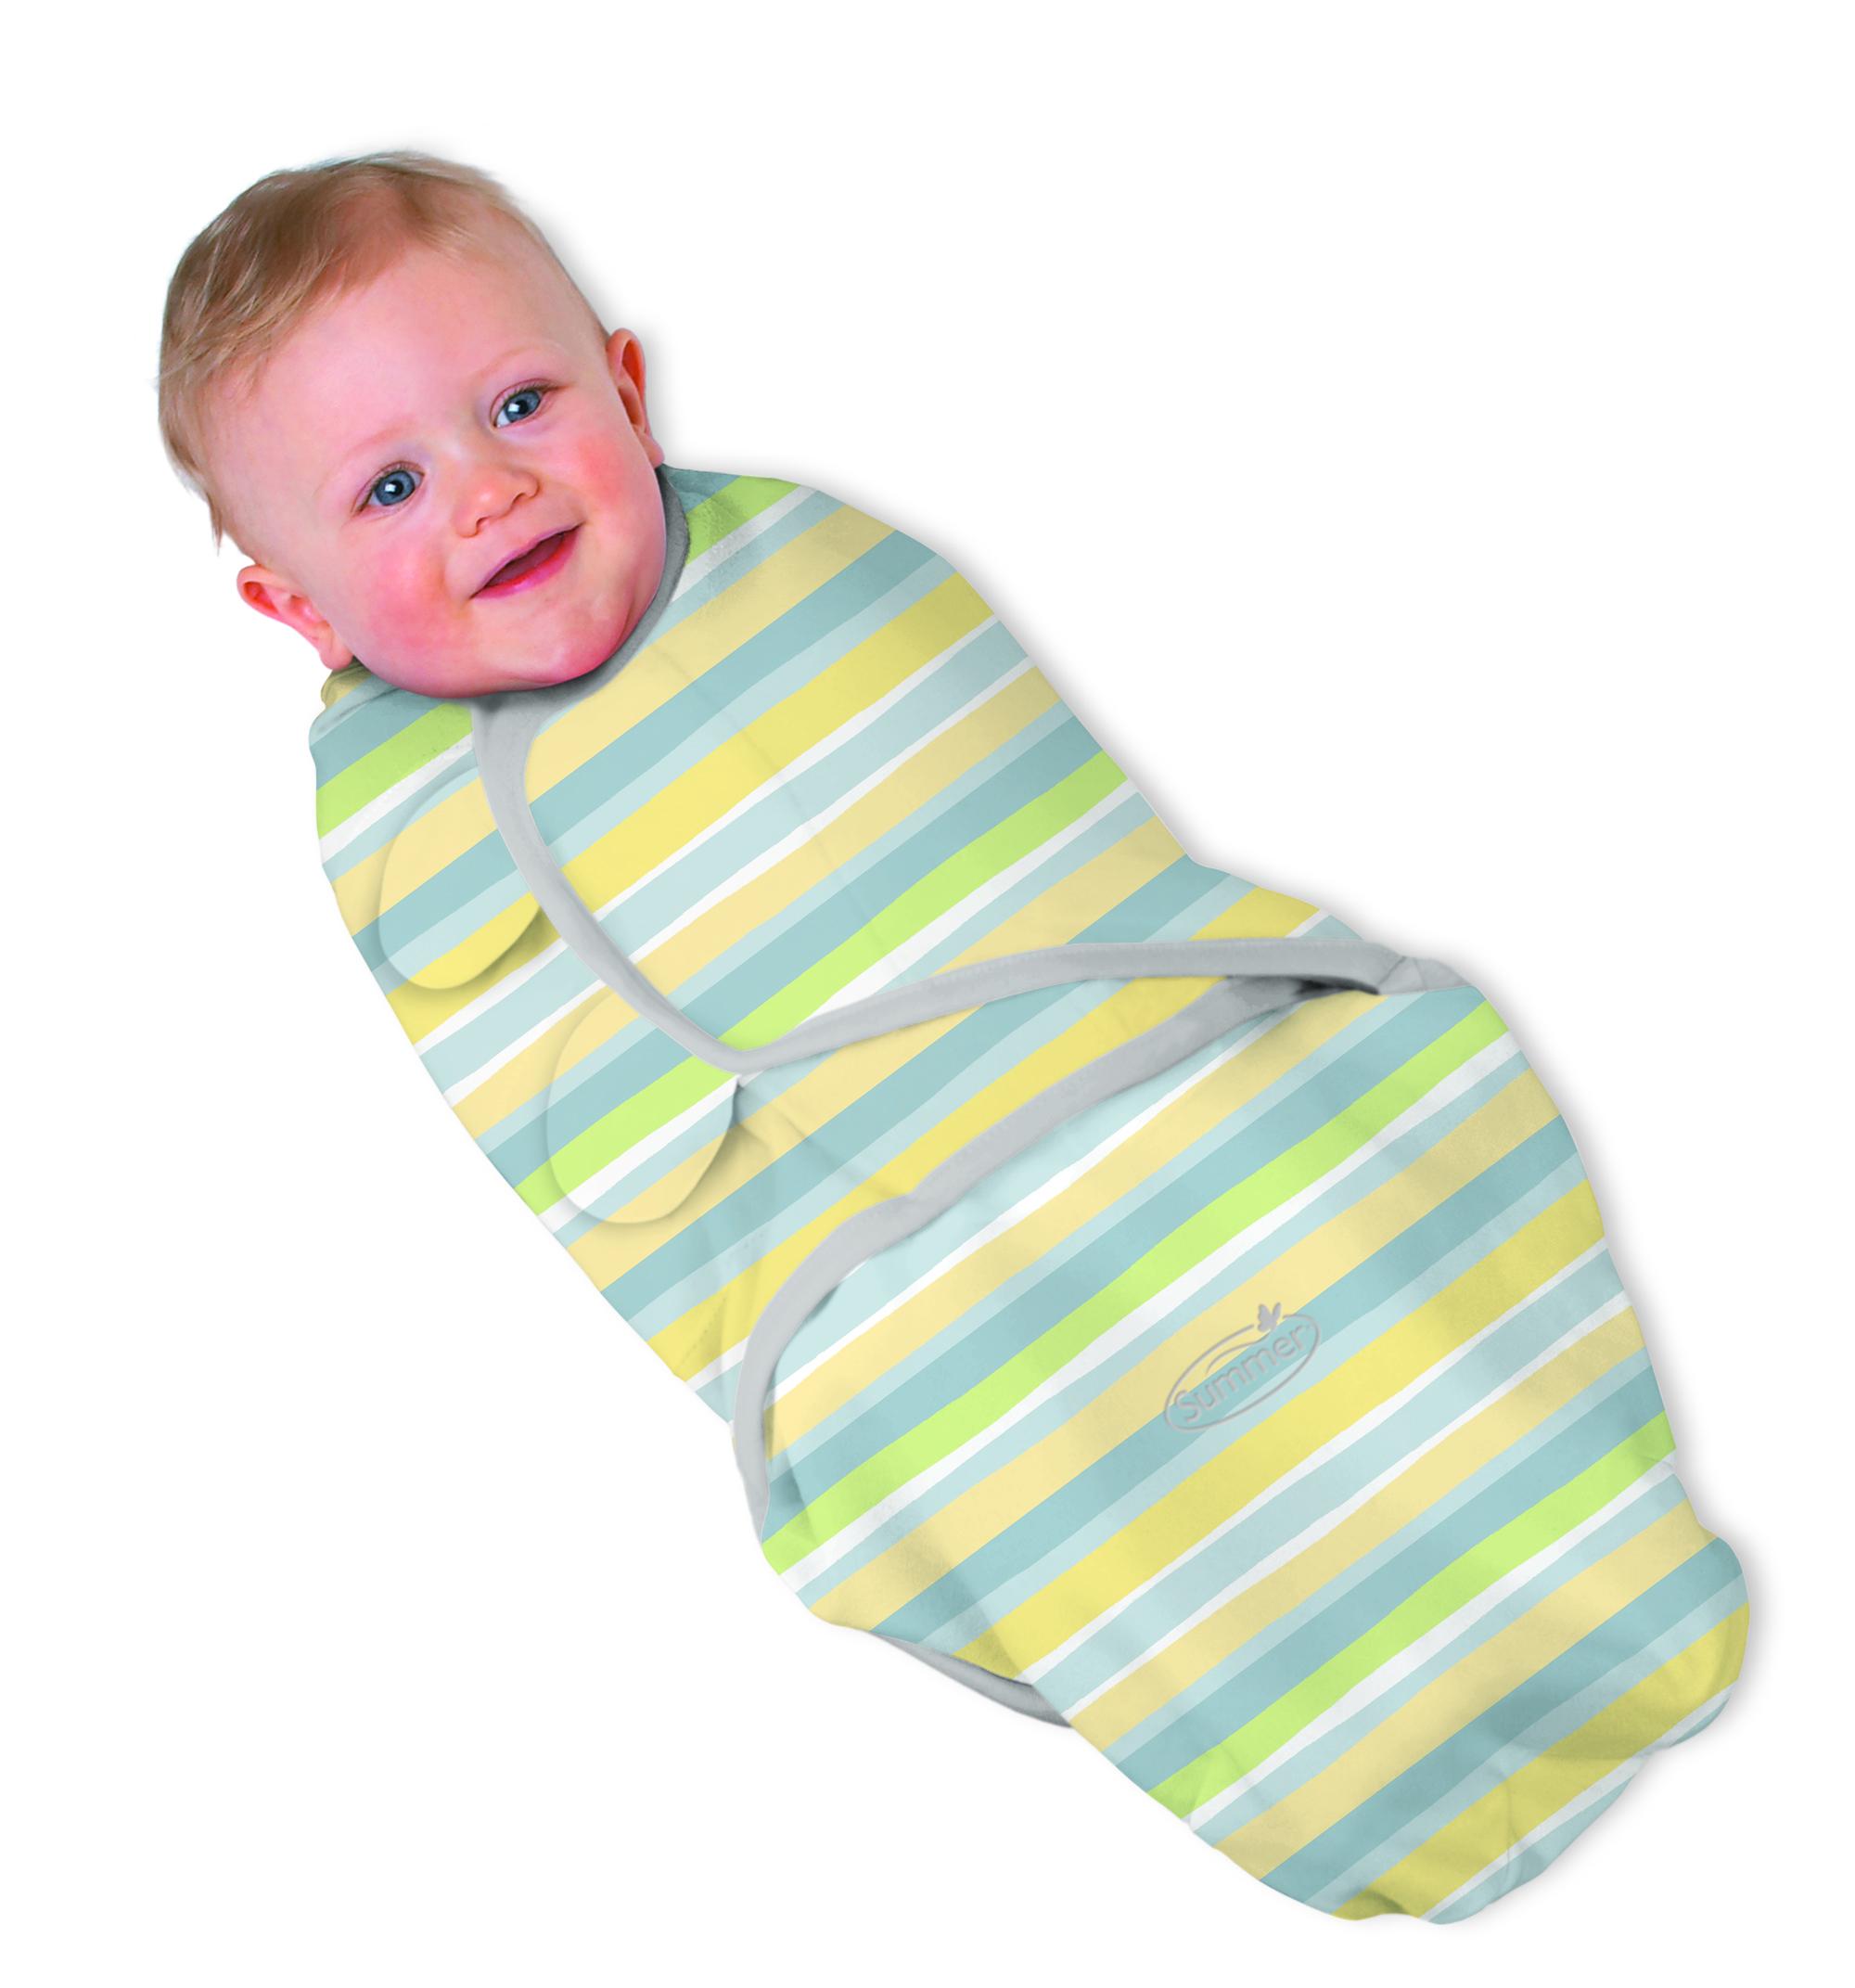 Summer Infant SwaddleMe zavinovačka - zelený proužek - Doprava zdarma velikost: S (3,2-6,4kg) od narození do cca 3 měsíců